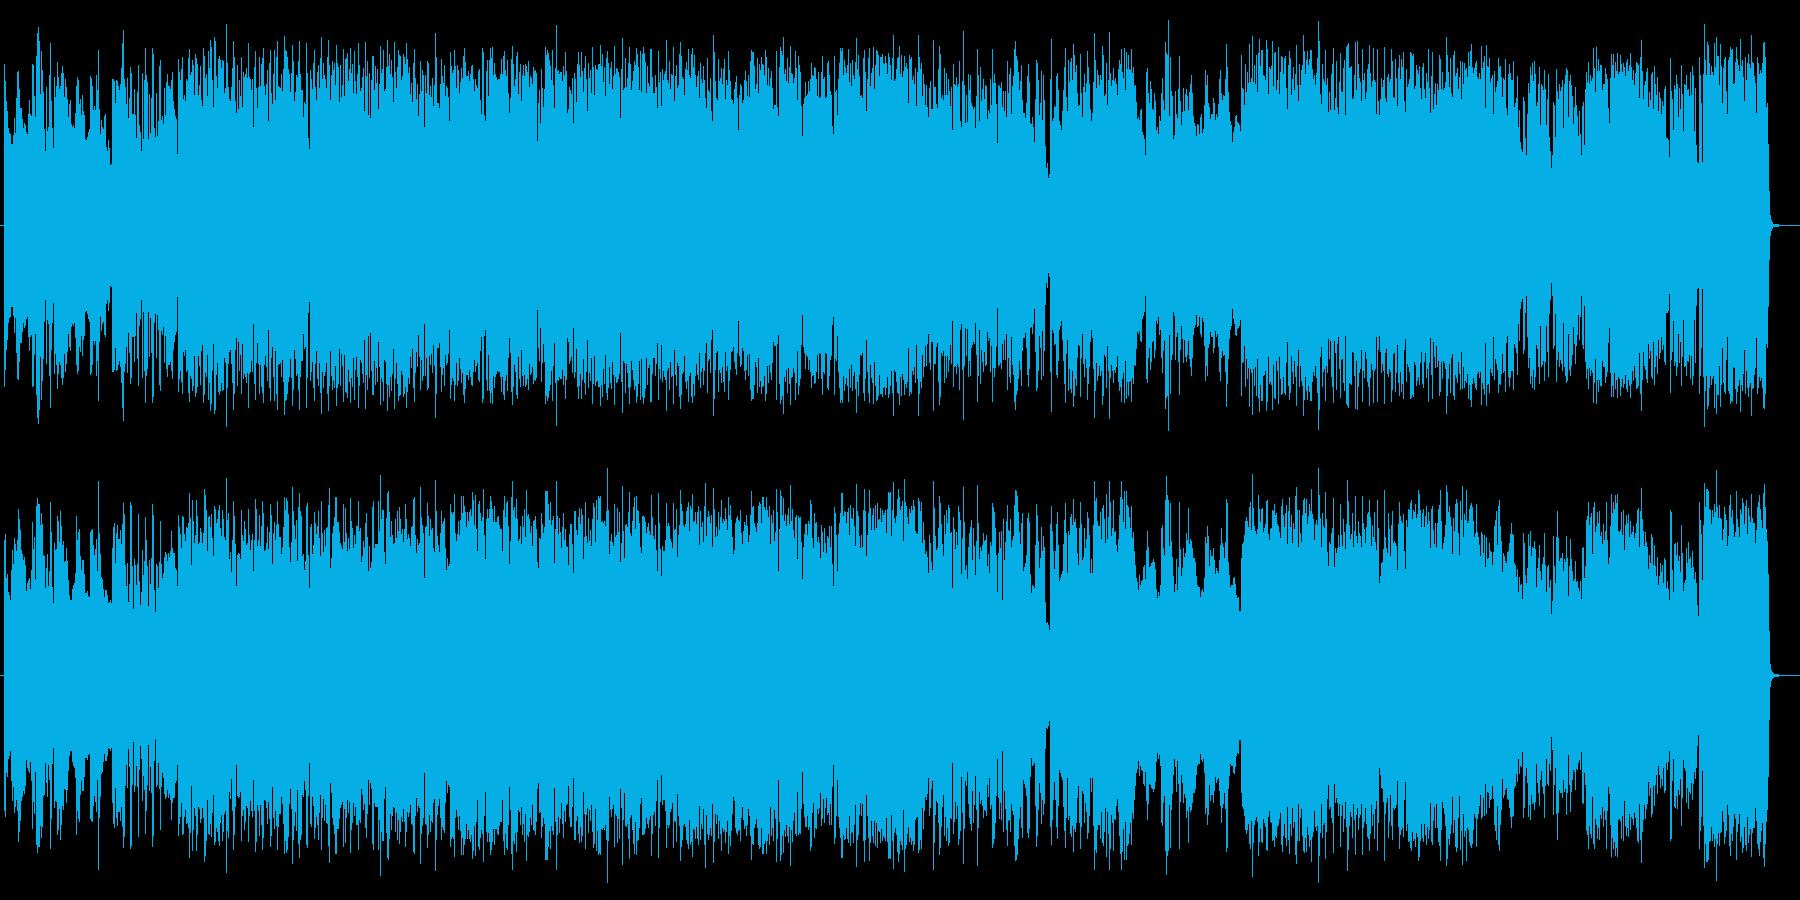 疾走感があるギターロックサウンドの再生済みの波形